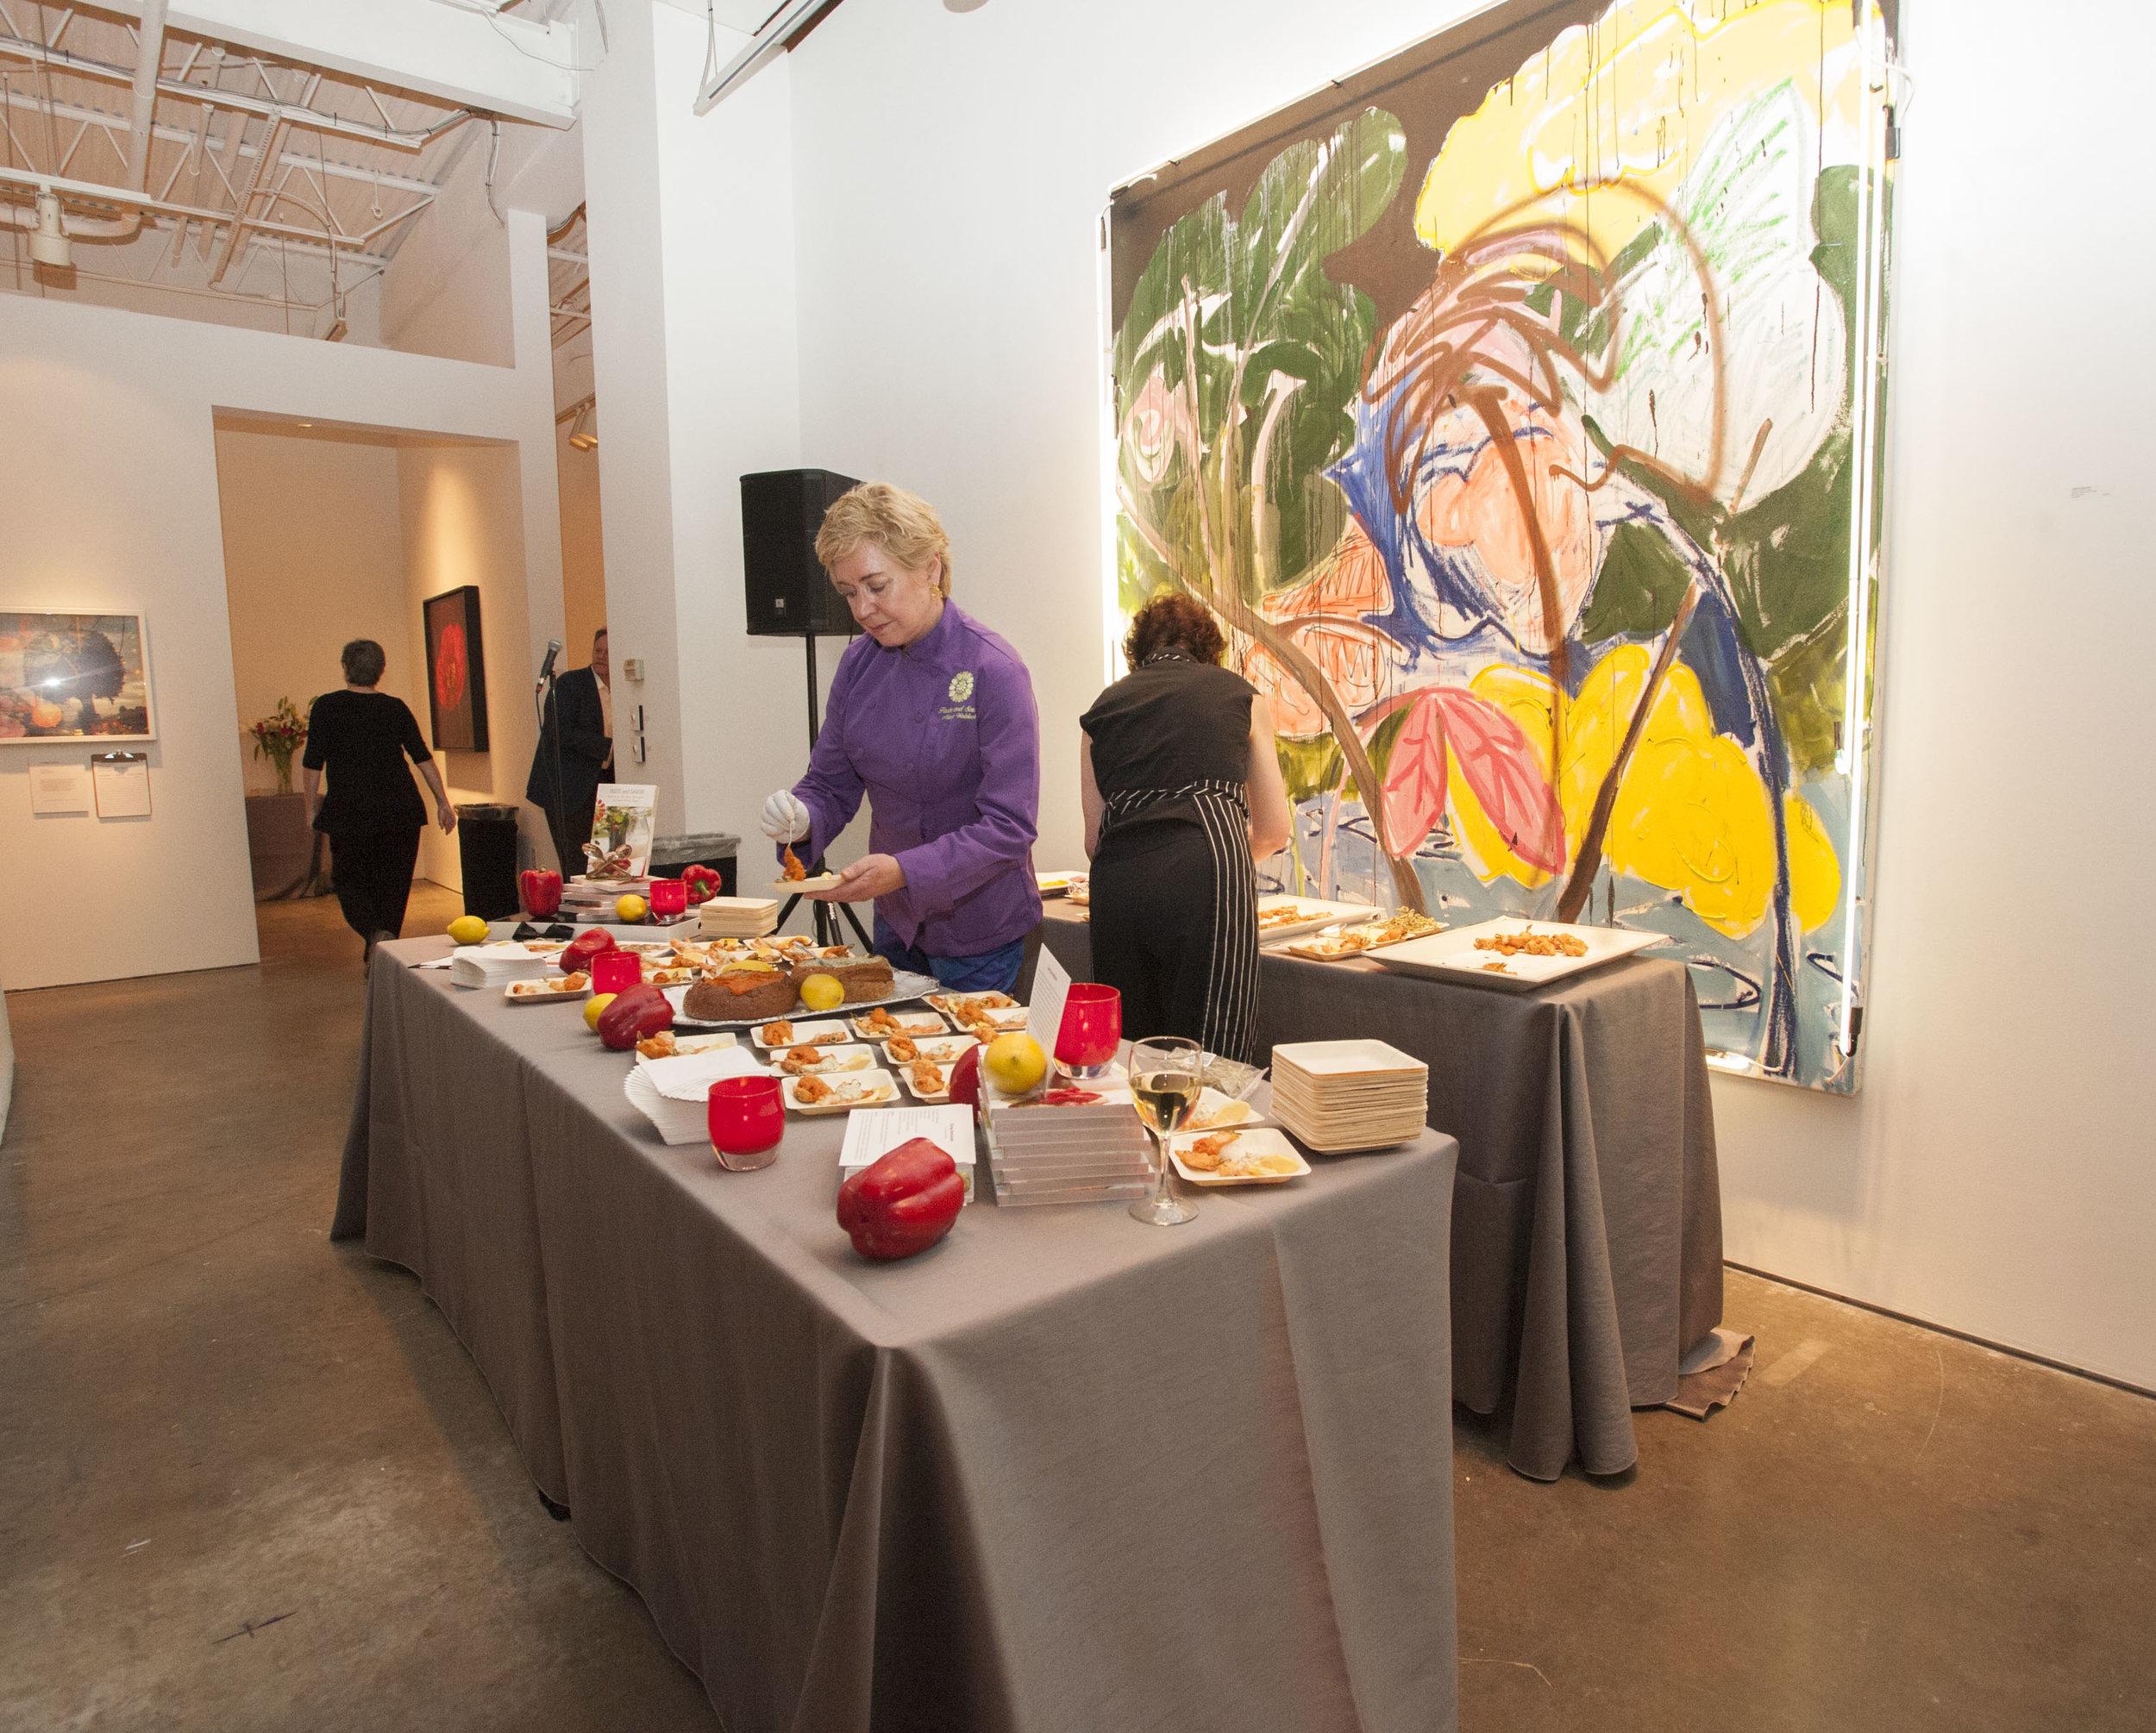 Angels on Earth Bill Lowe Gallery 7.JPG